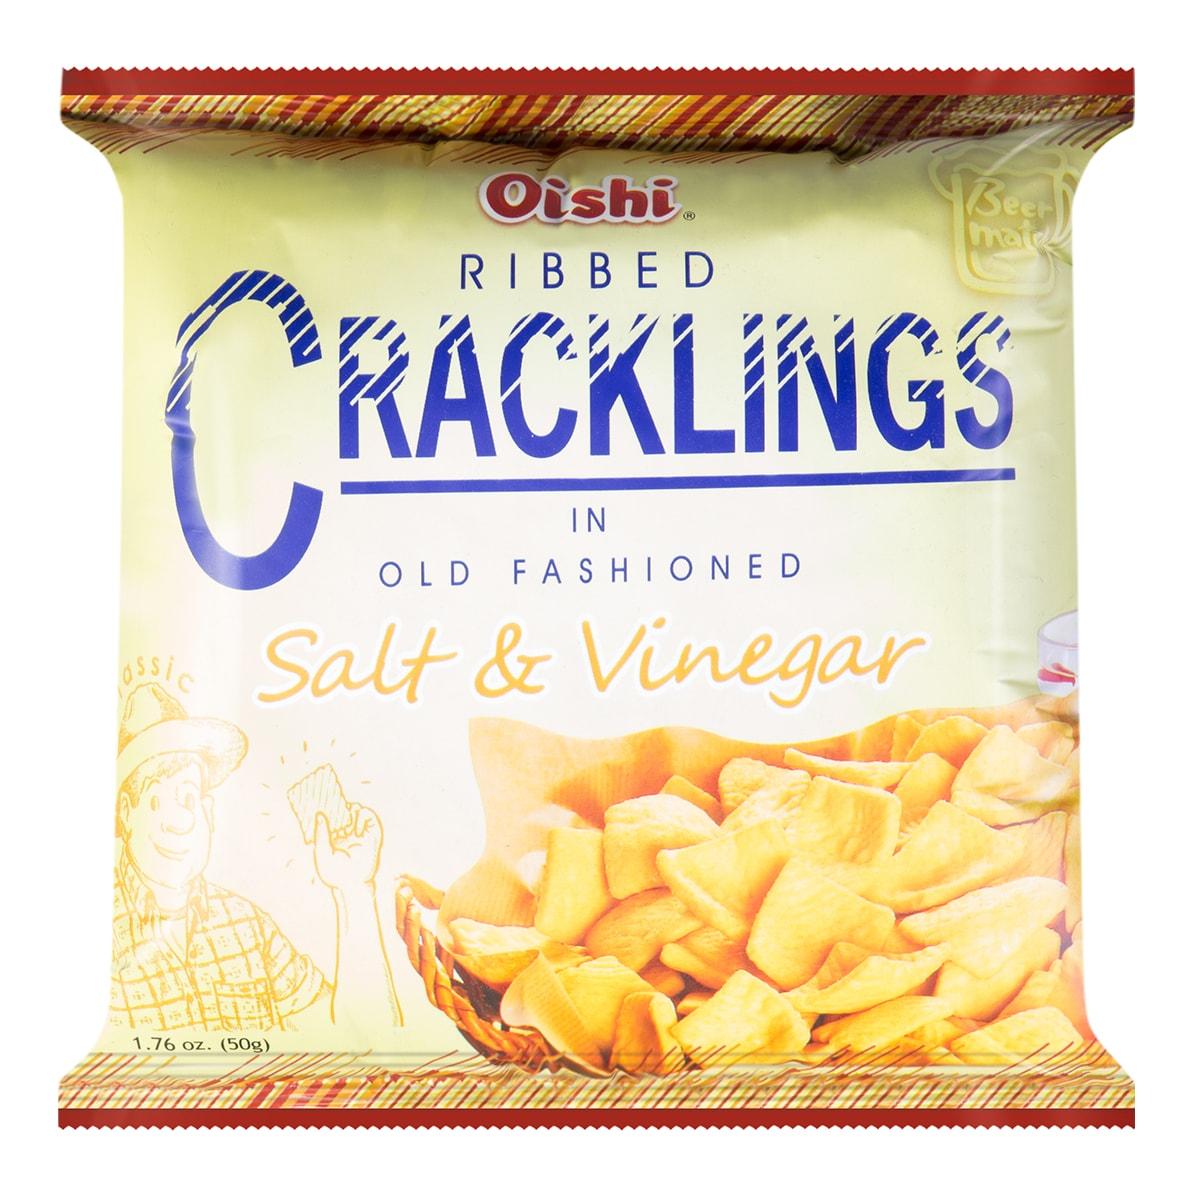 OISHI Ribbed Cracklings In Old Fashioned Salt & Vinegar 50g